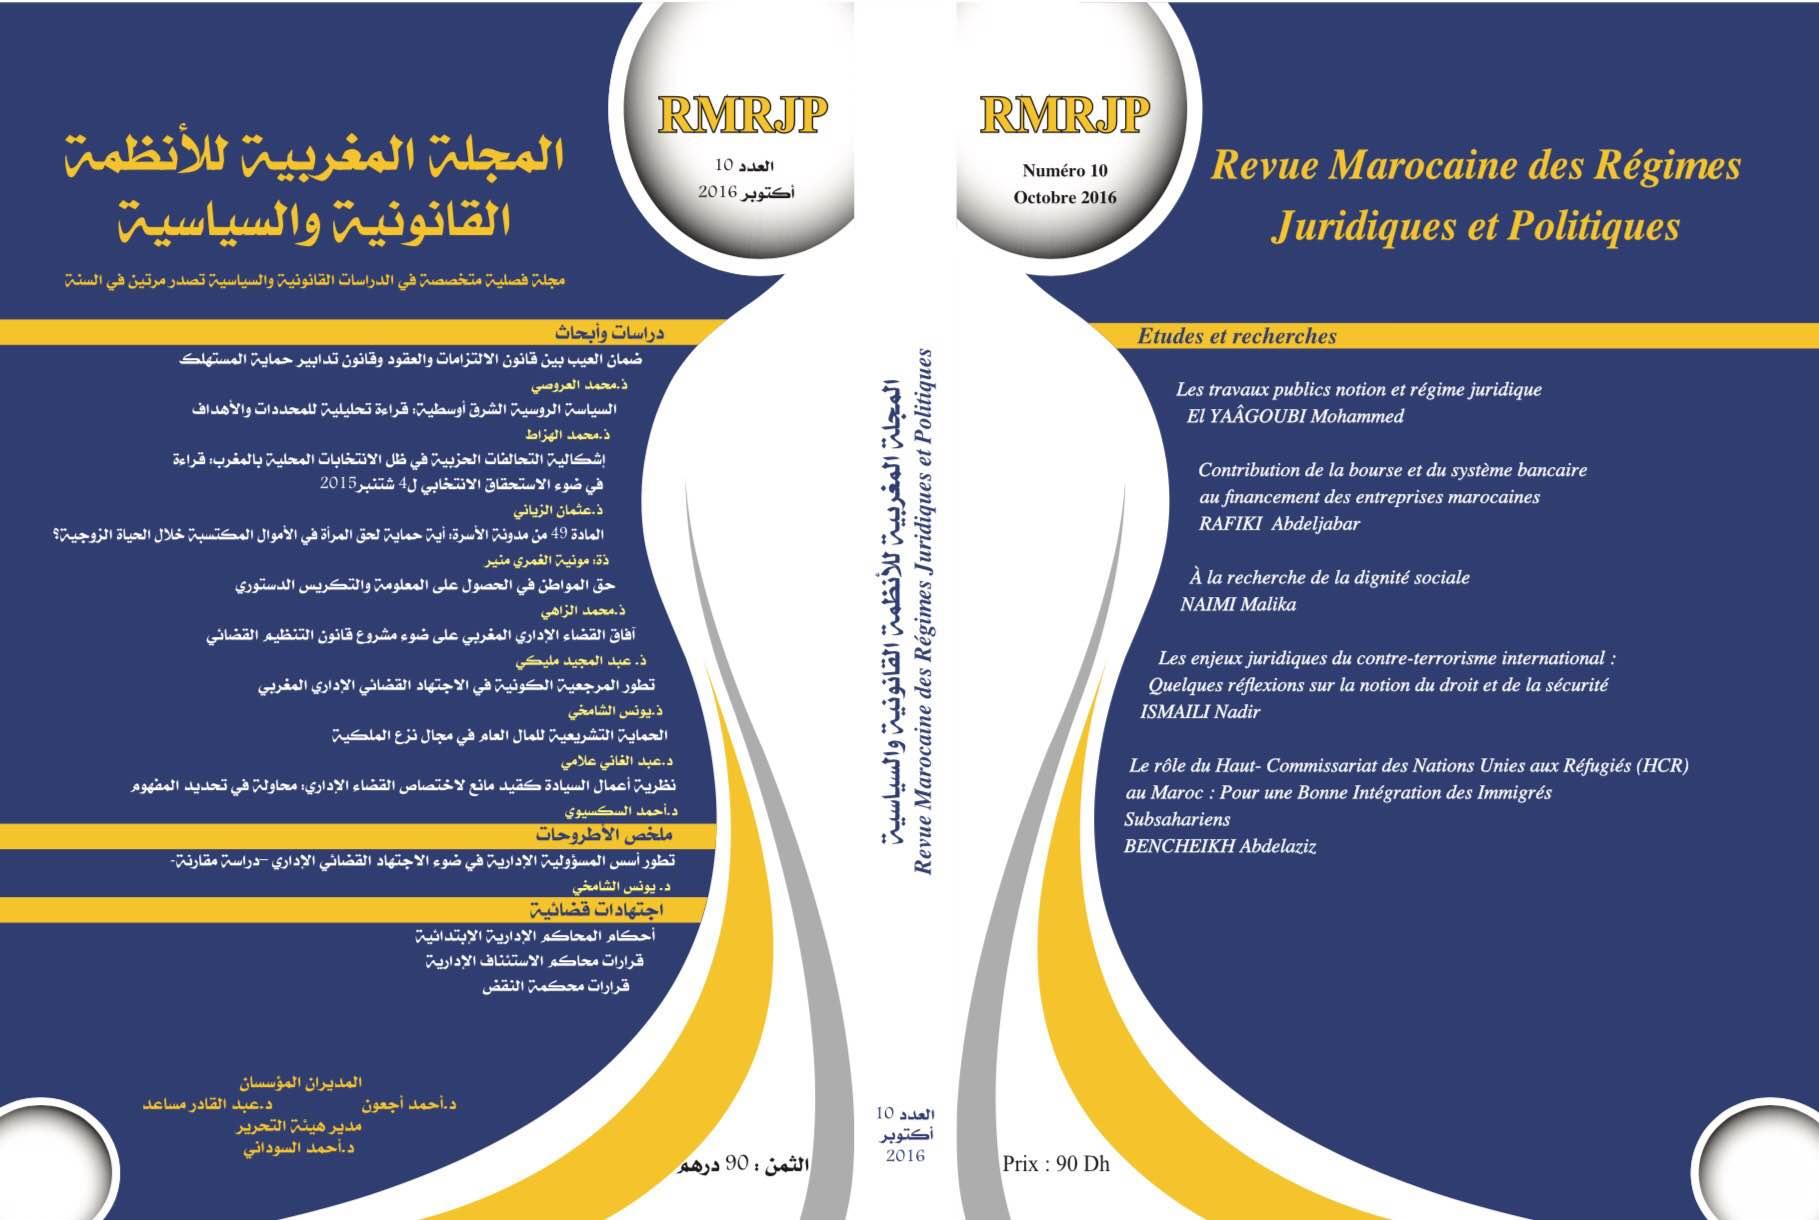 إعلان عن صدور العدد العاشر من المجلة المغربية للأنظمة القانونية والسياسية